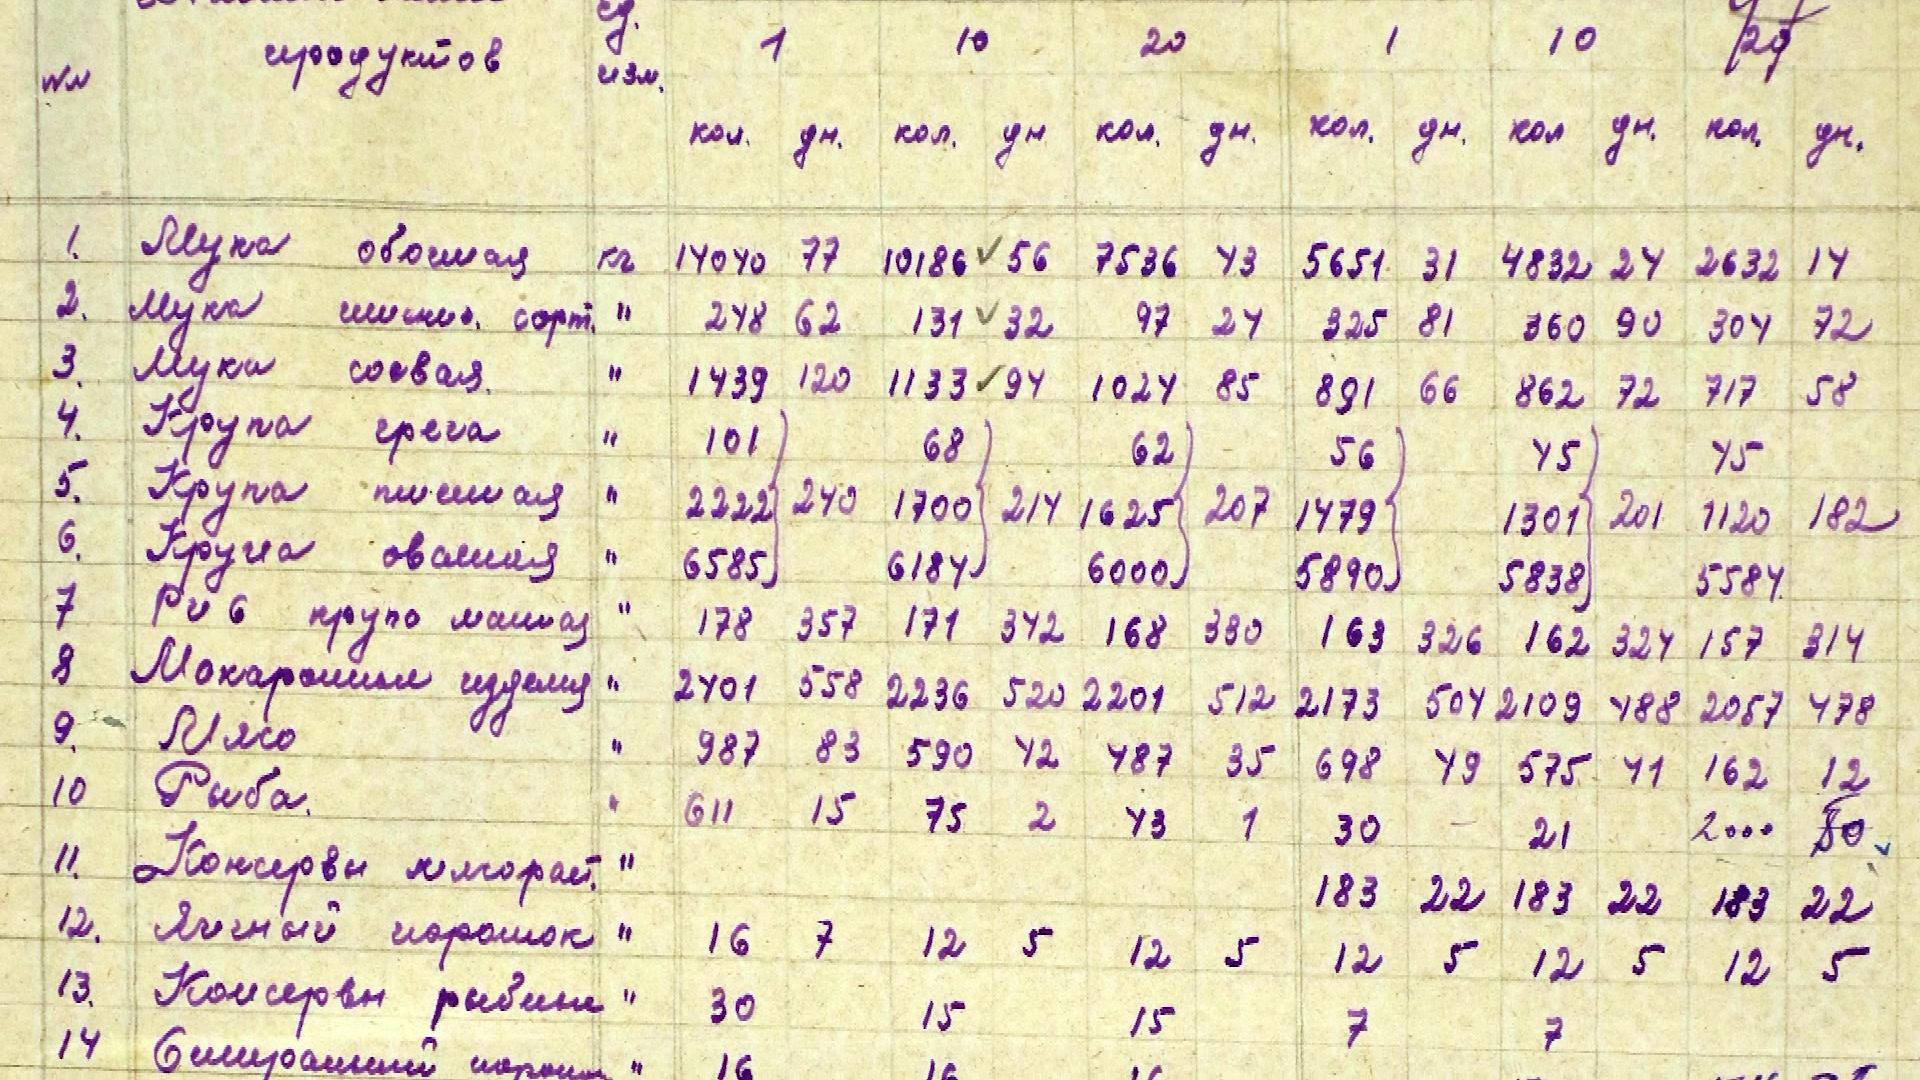 Архивисты рассекретили документы о проживании немецких военнопленных в регионе в 1946-48 годах